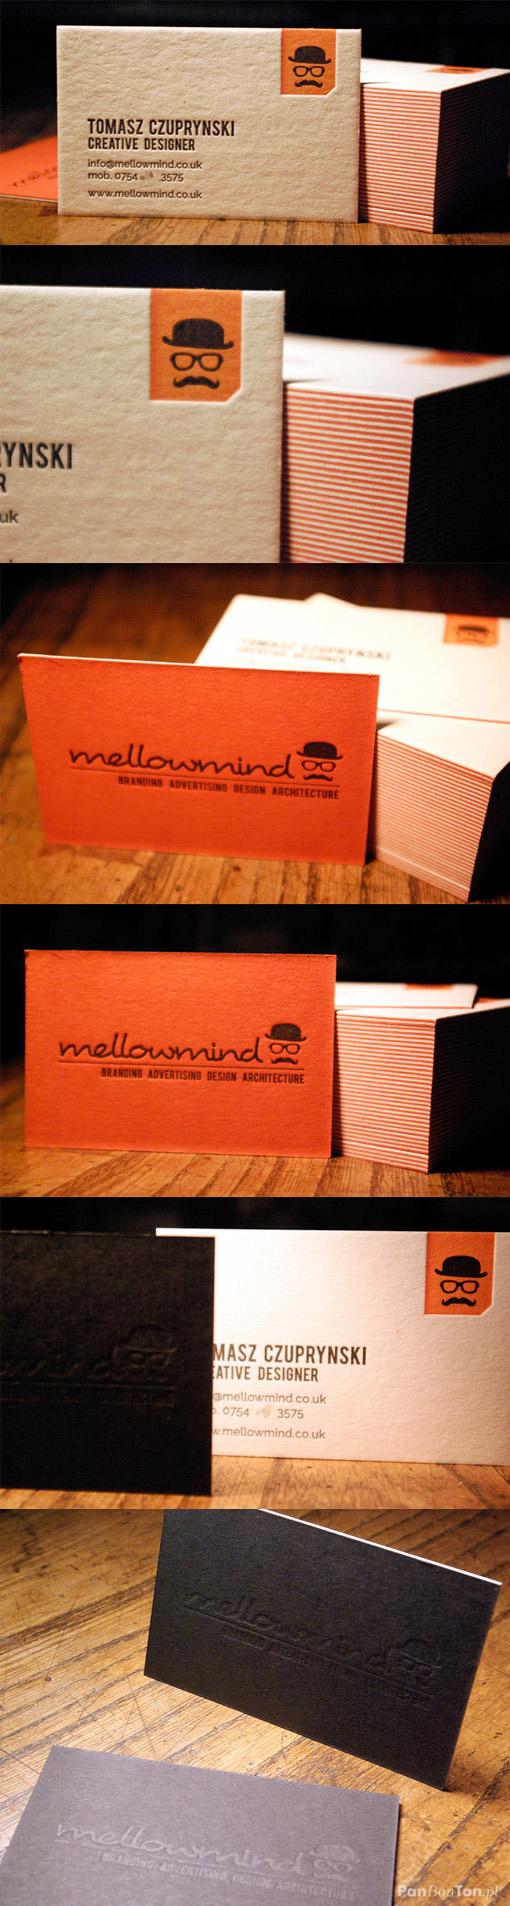 Striking Orange And Black Letterpress Business Card Design